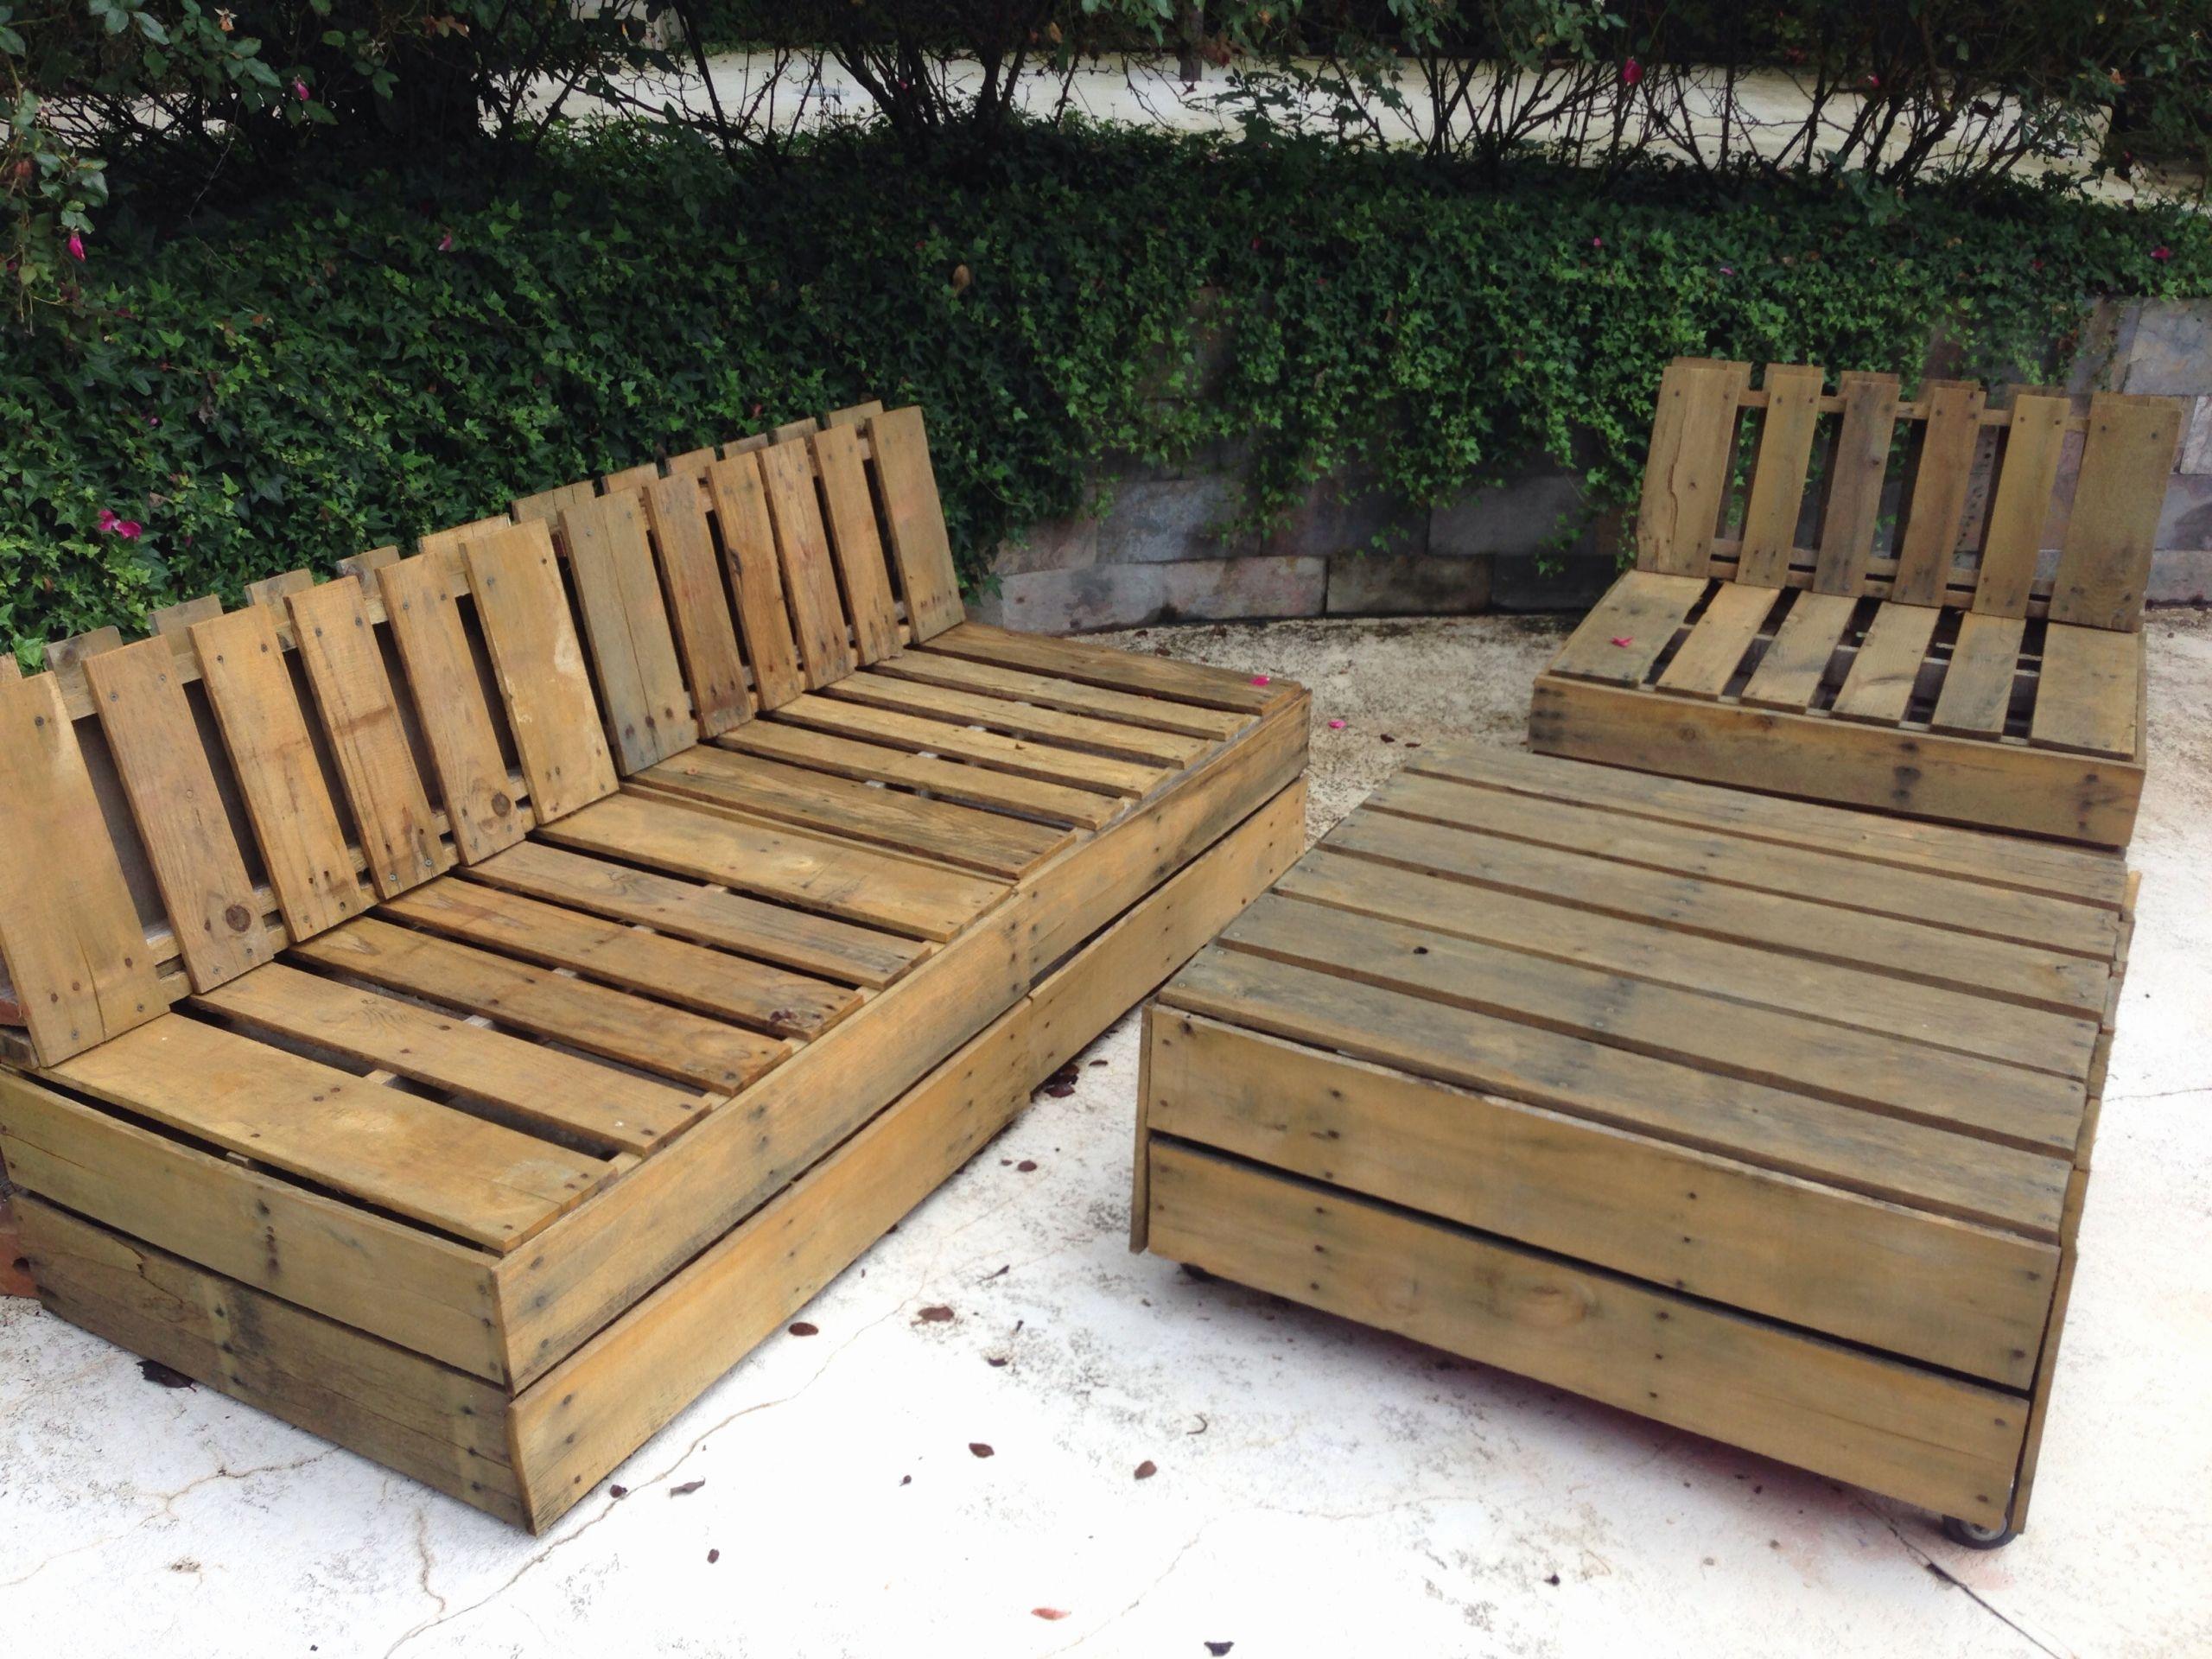 fauteuil en palette facile unique banc en palette plan of fauteuil en palette facile